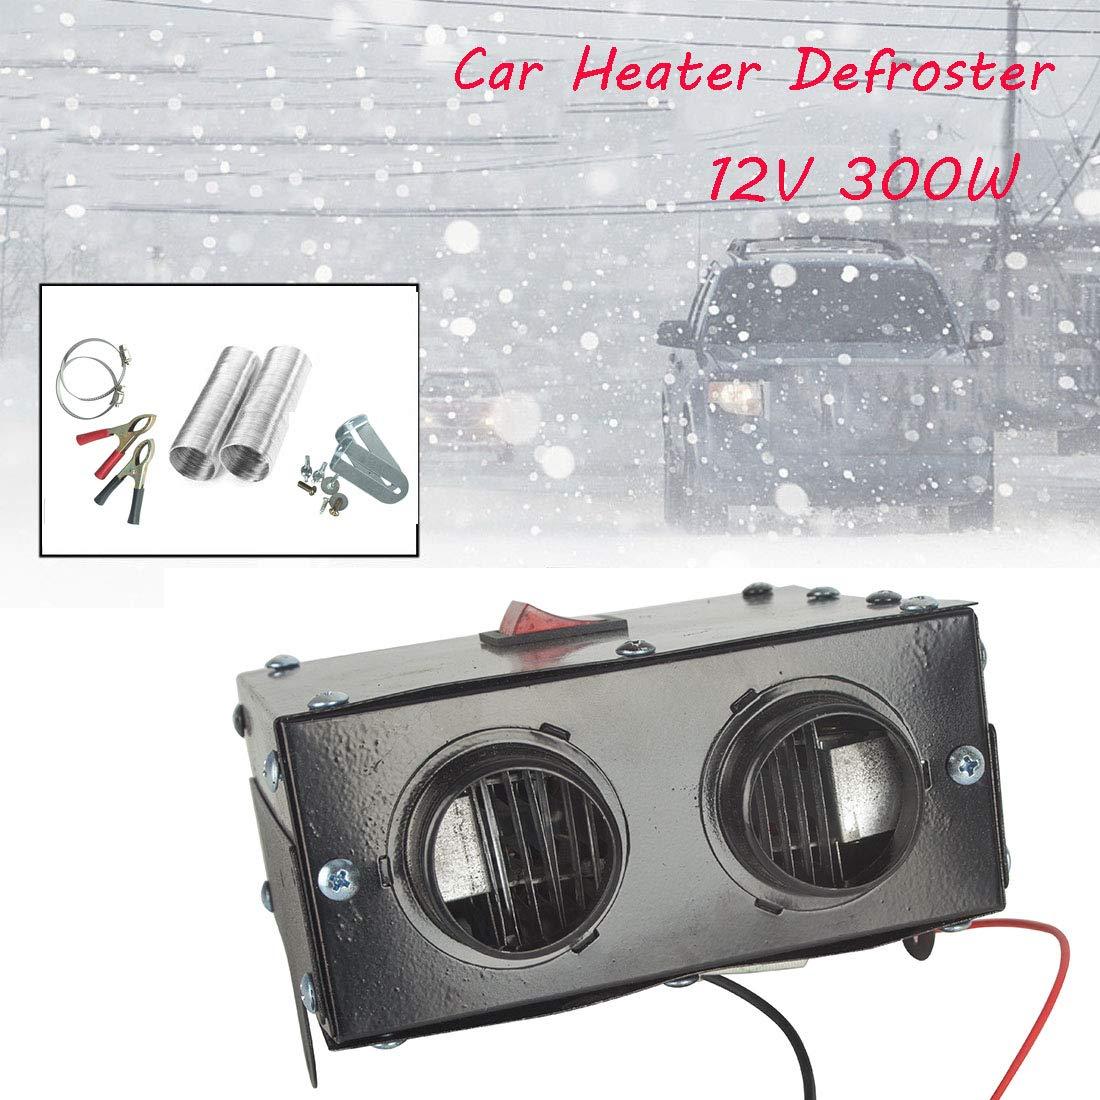 AFUT 300W 12V Car Truck Auto Fan Heater Defroster Demister Heating Warmer Windscreen